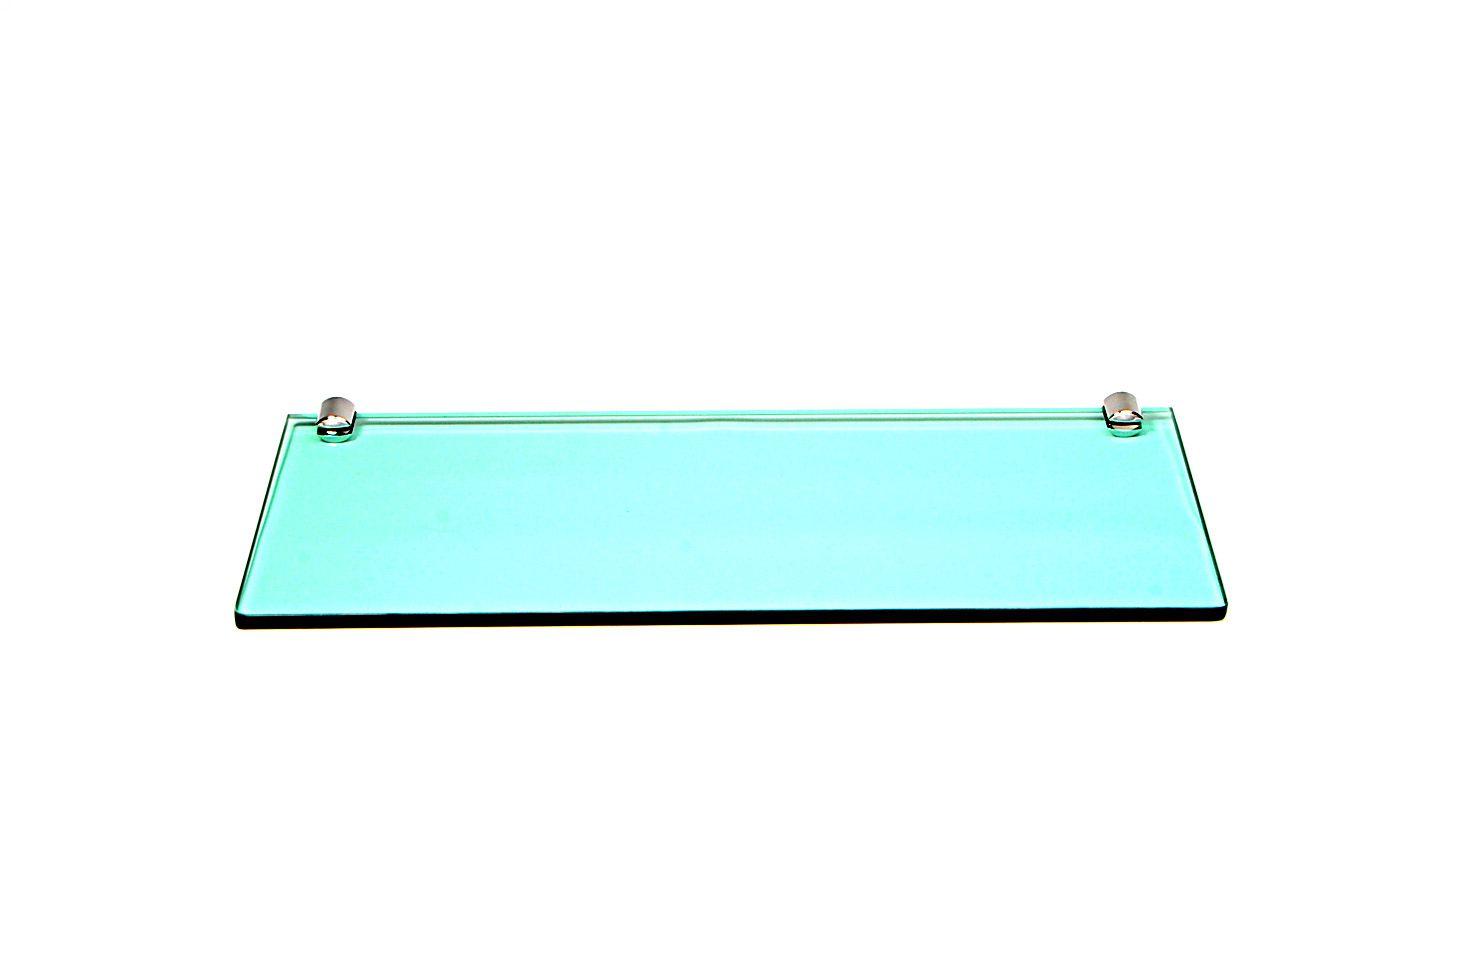 Porta Shampoo Reto em Vidro Verde Lapidado - Aquabox  - 40cmx14cmx8mm